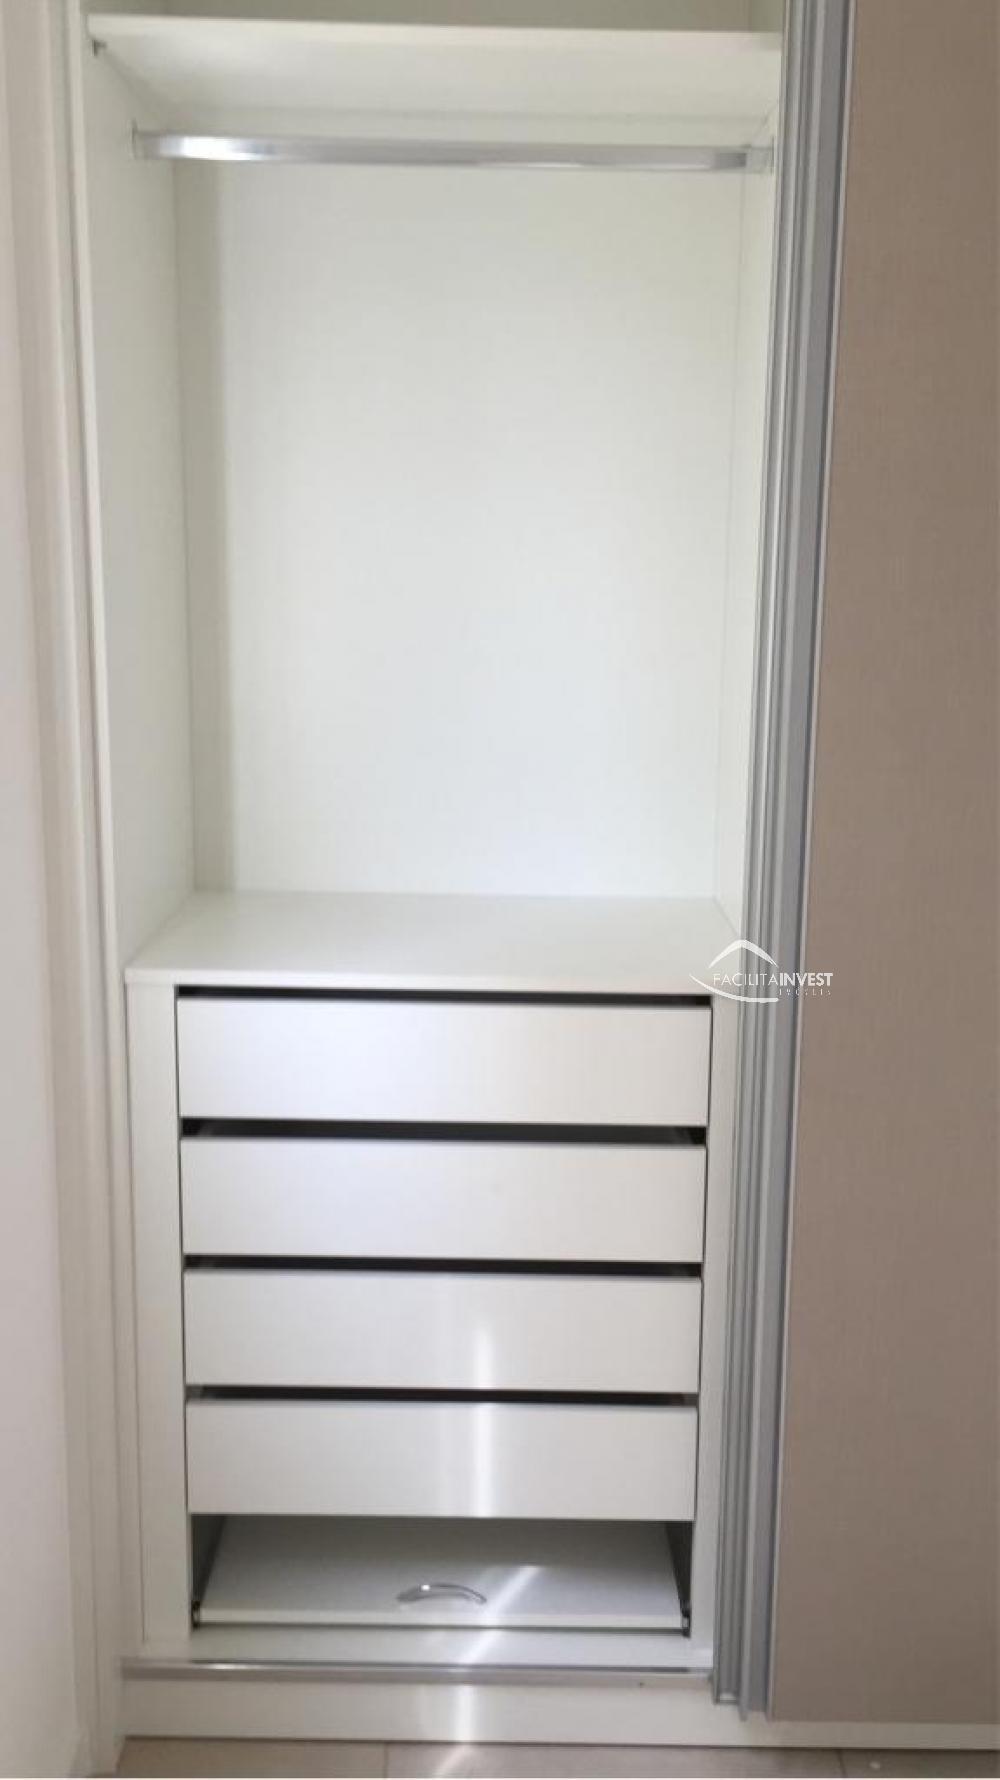 Alugar Apartamentos / Apart. Padrão em Ribeirão Preto R$ 1.900,00 - Foto 30